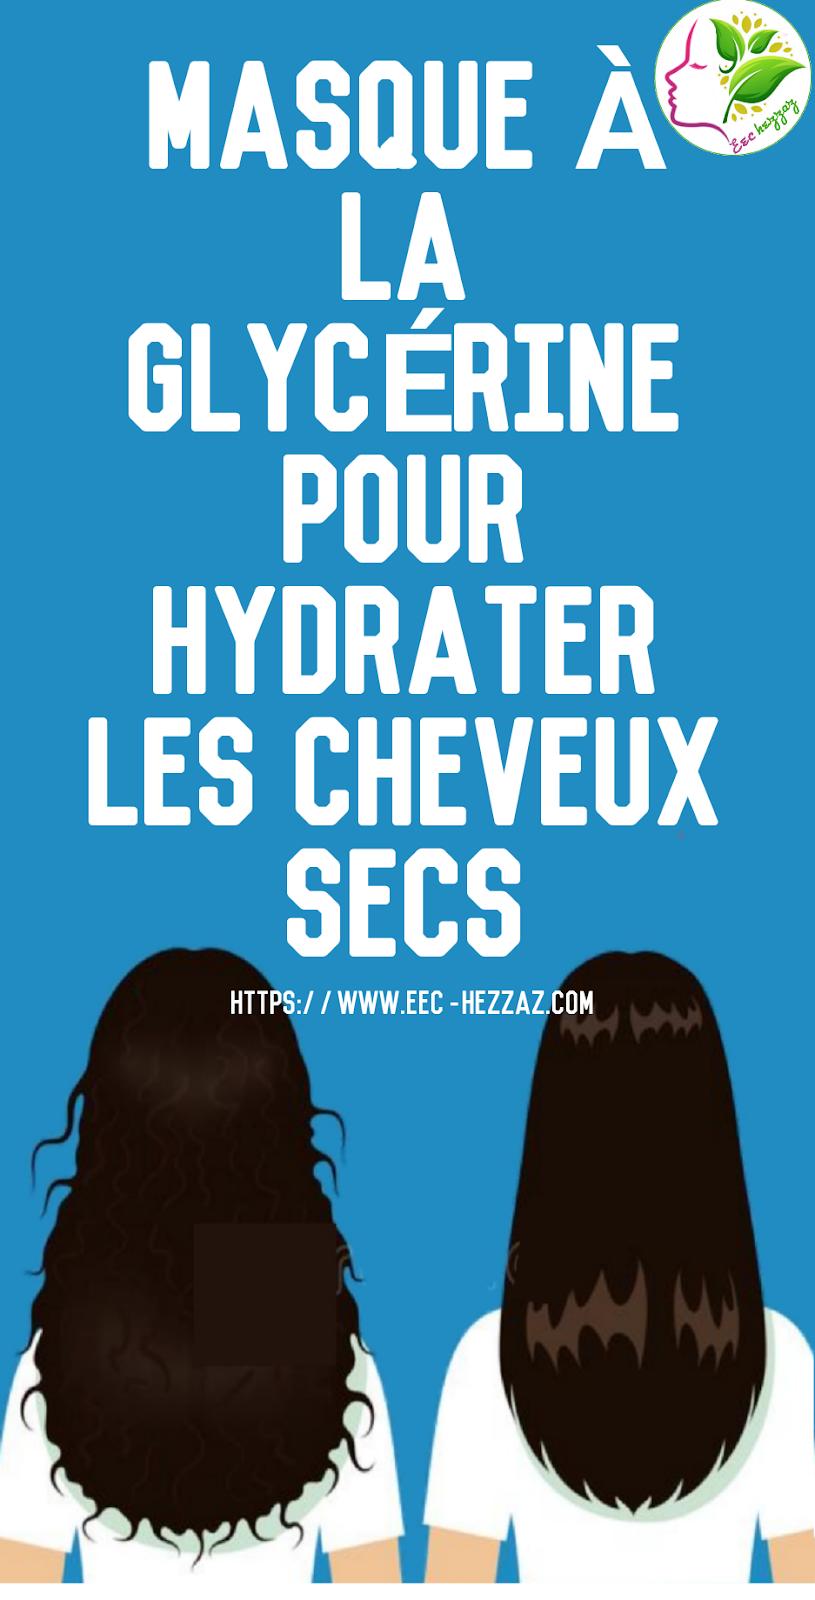 Masque à la glycérine pour hydrater les cheveux secs